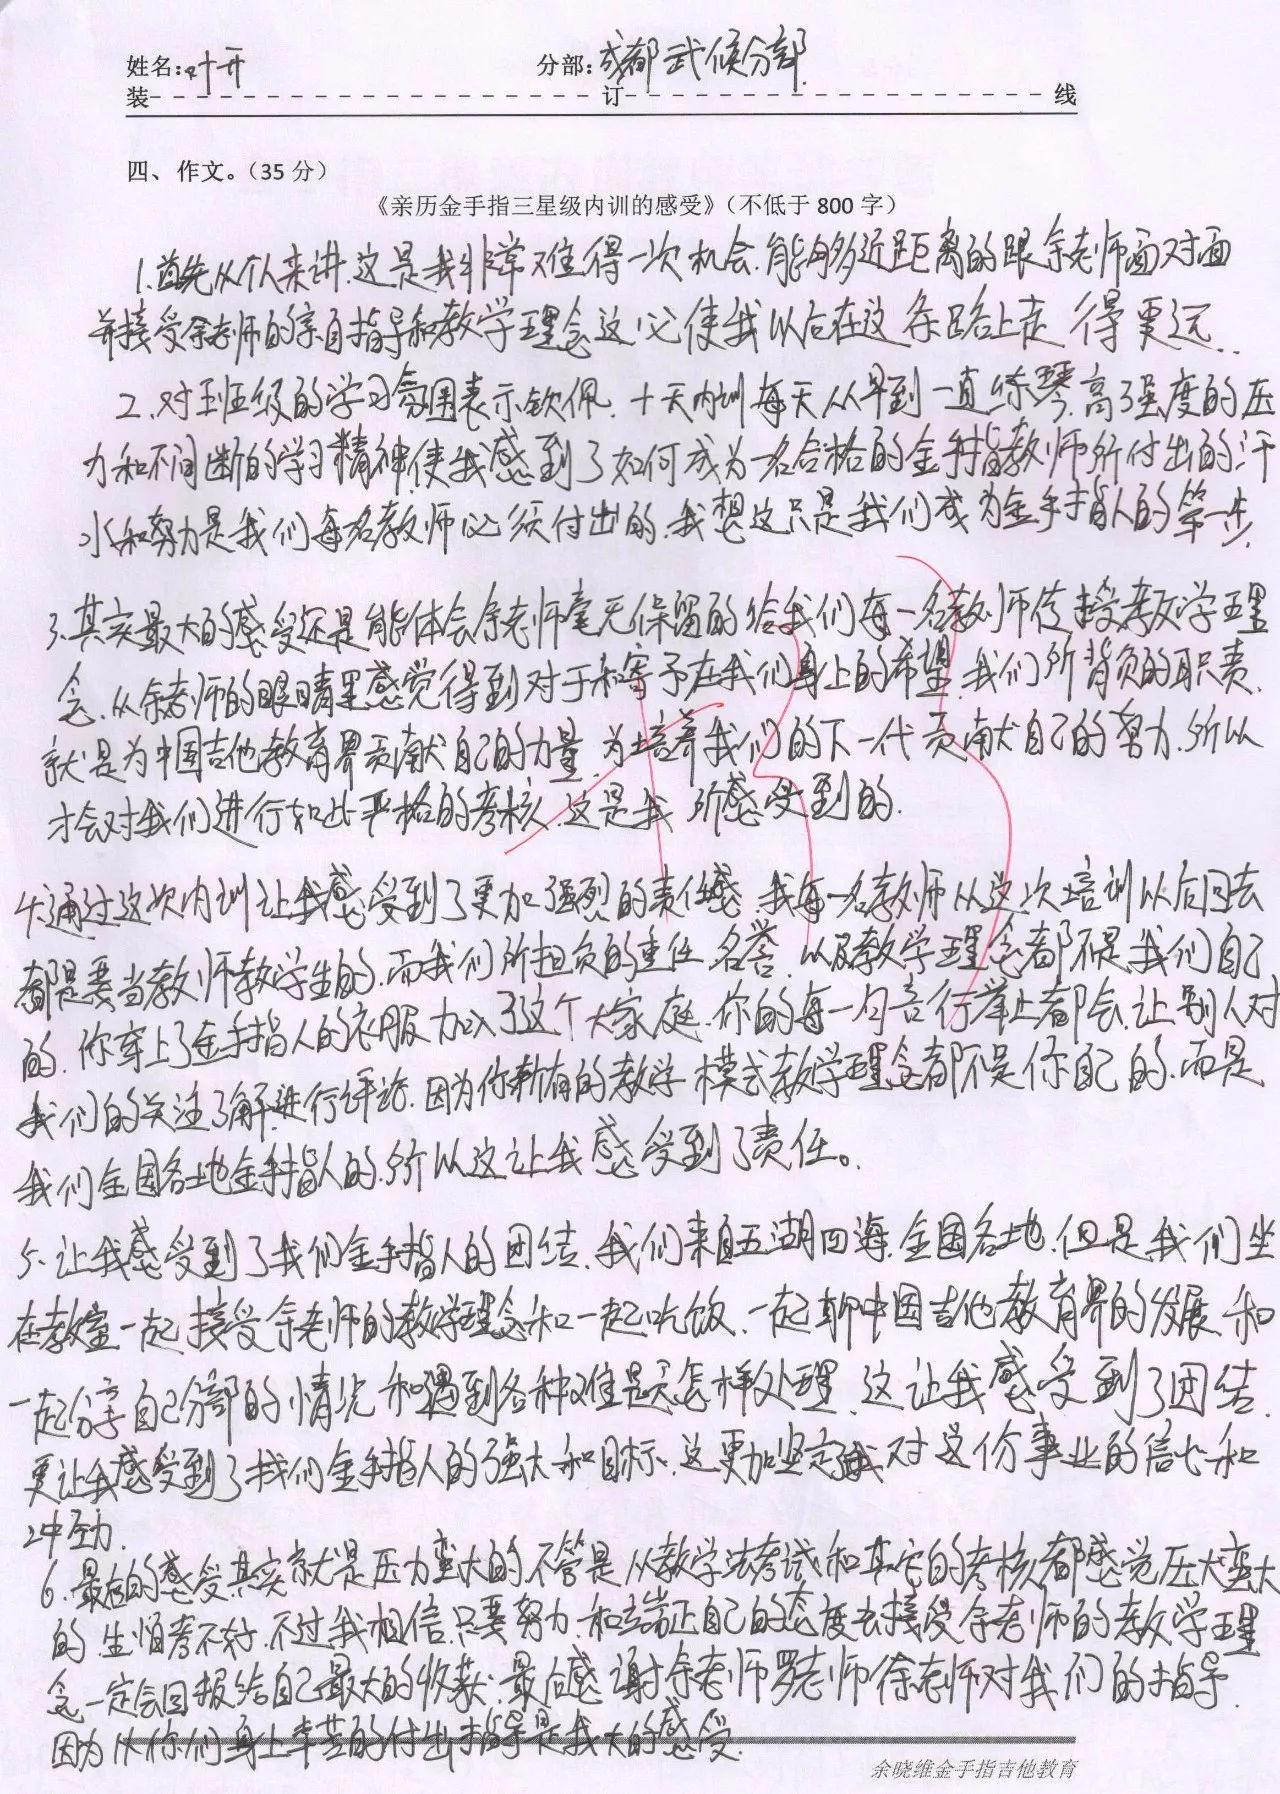 枫叶城吉他歌谱